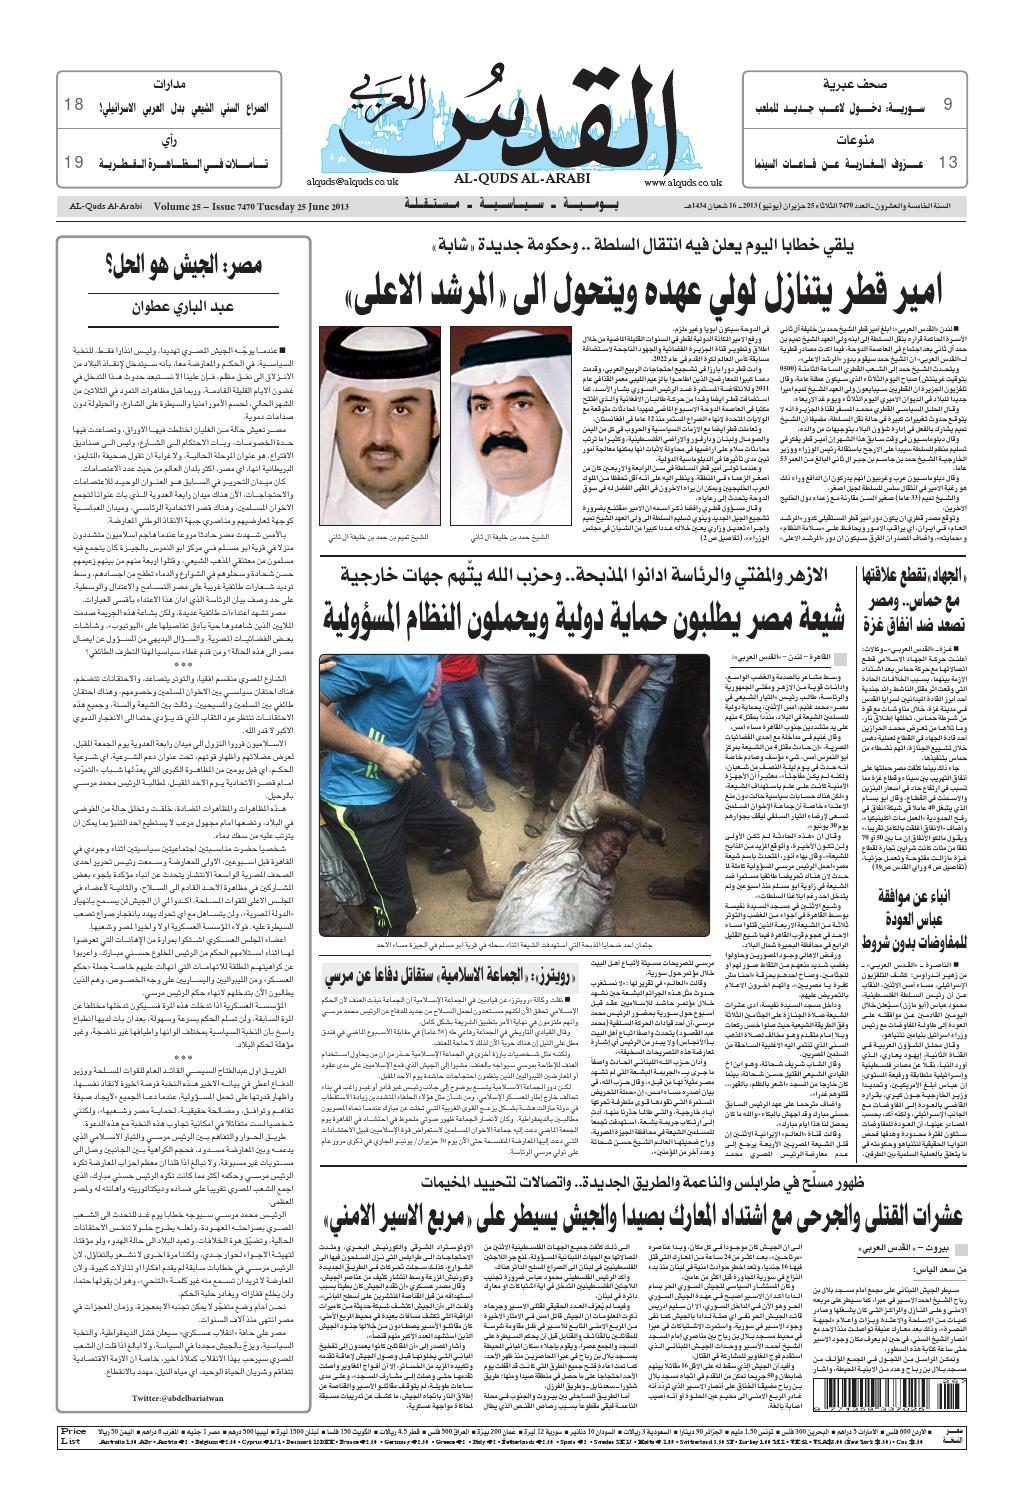 5b3c9a0fa صحيفة القدس العربي , الثلاثاء 25.06.2013 by مركز الحدث - issuu